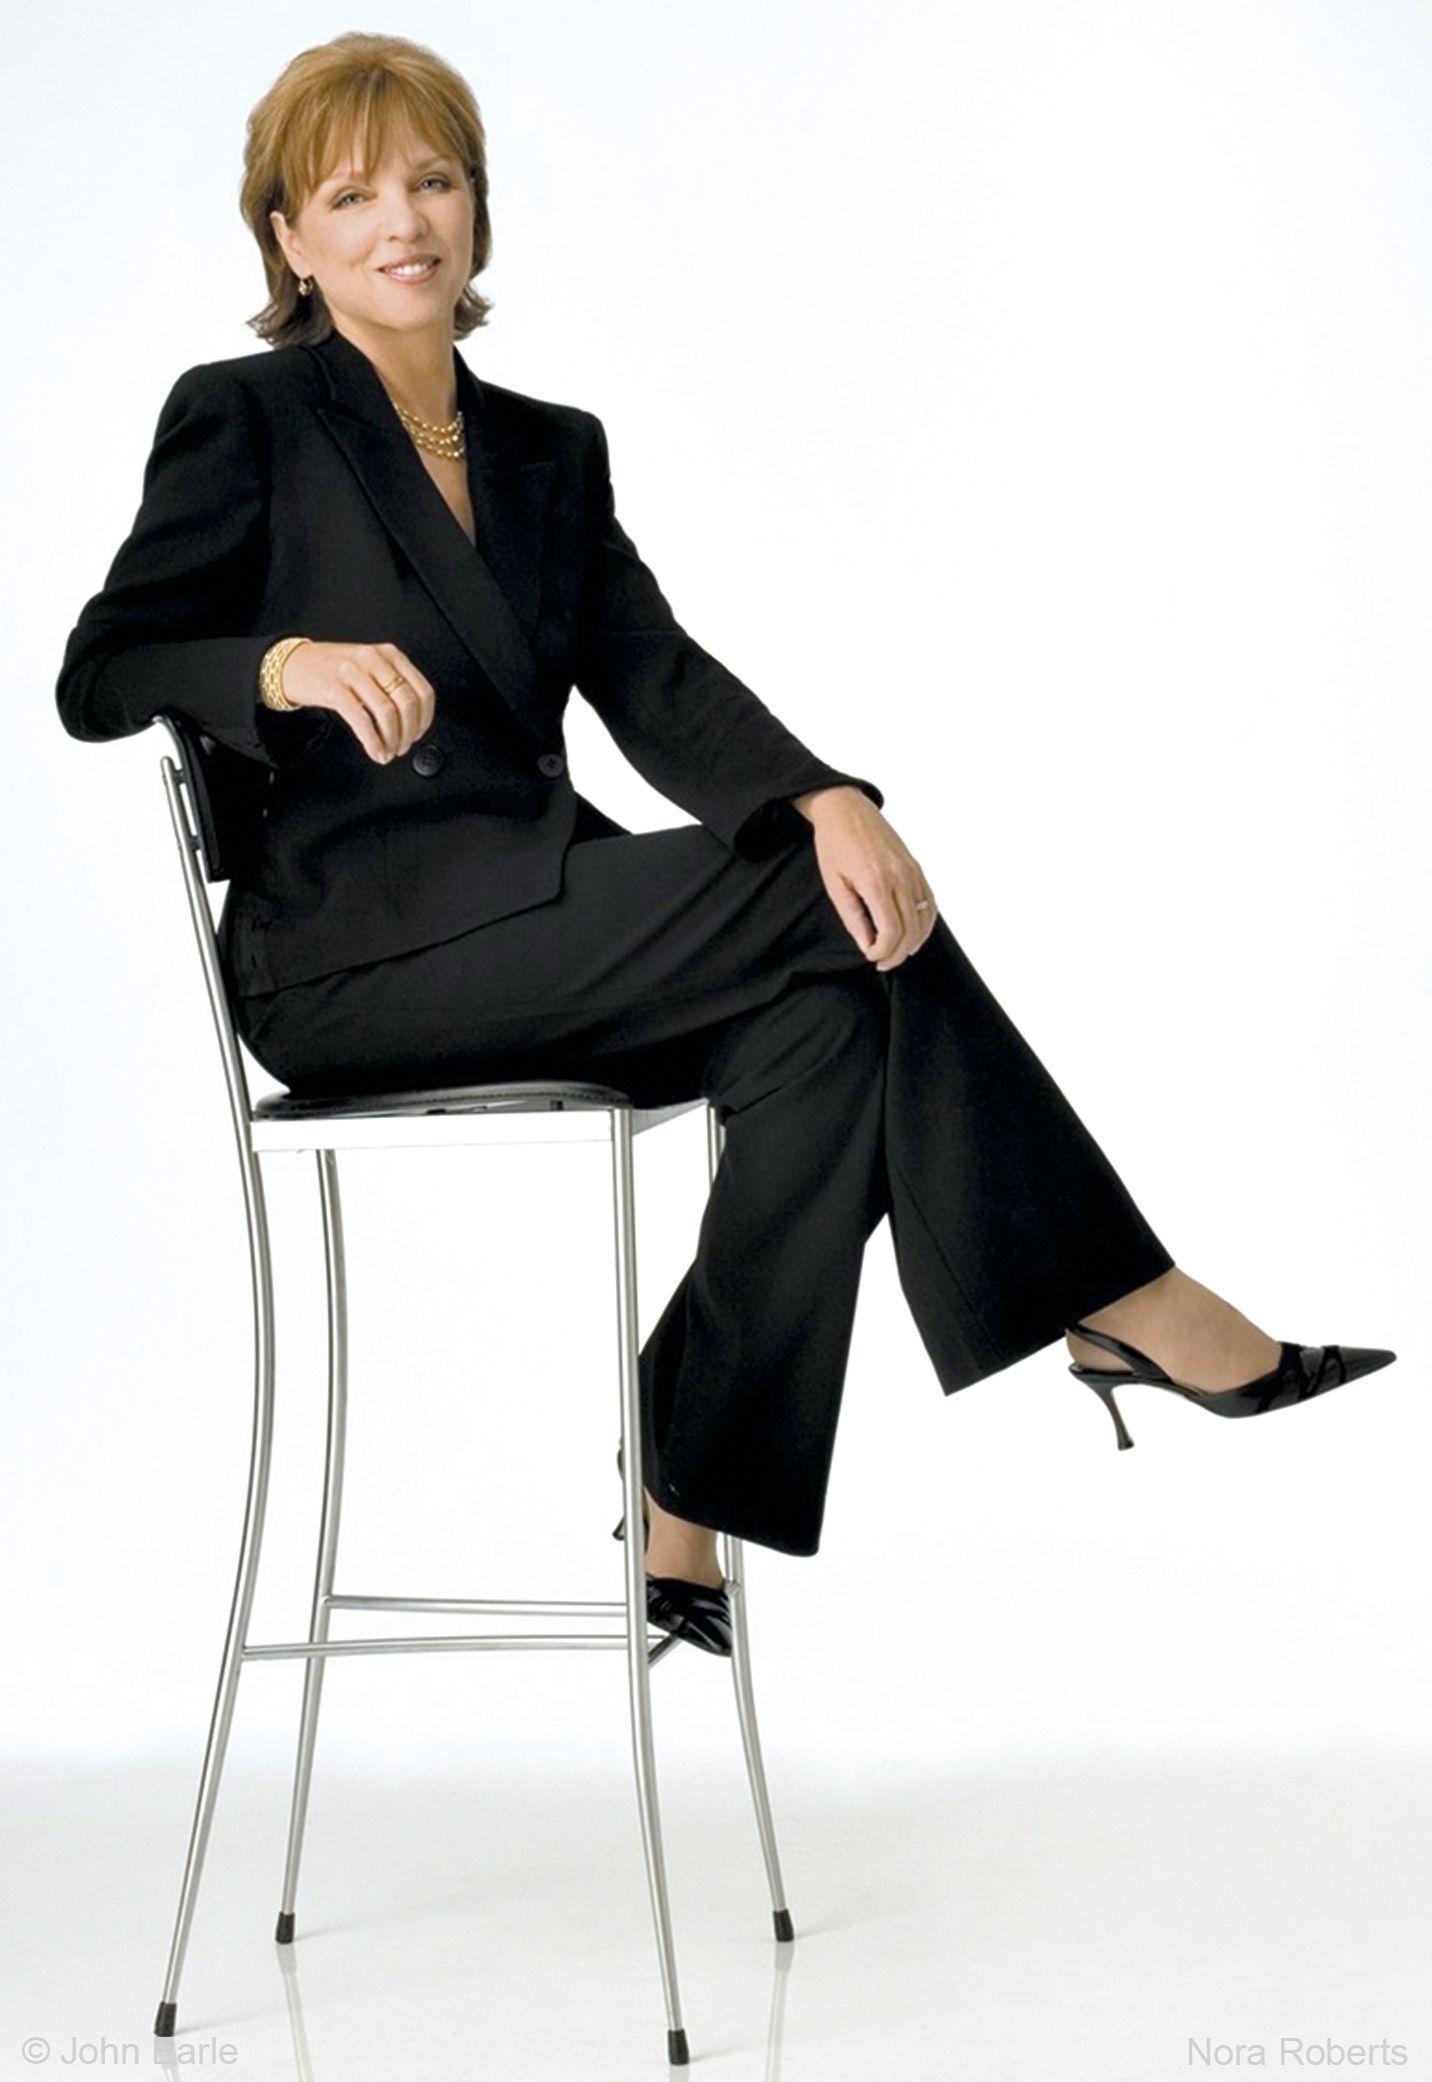 Nora Roberts la 'reina del libro electrónico', tuvo ingresos por 23 millones de dólares. http://www.imosver.com/es/autor/nora-roberts/